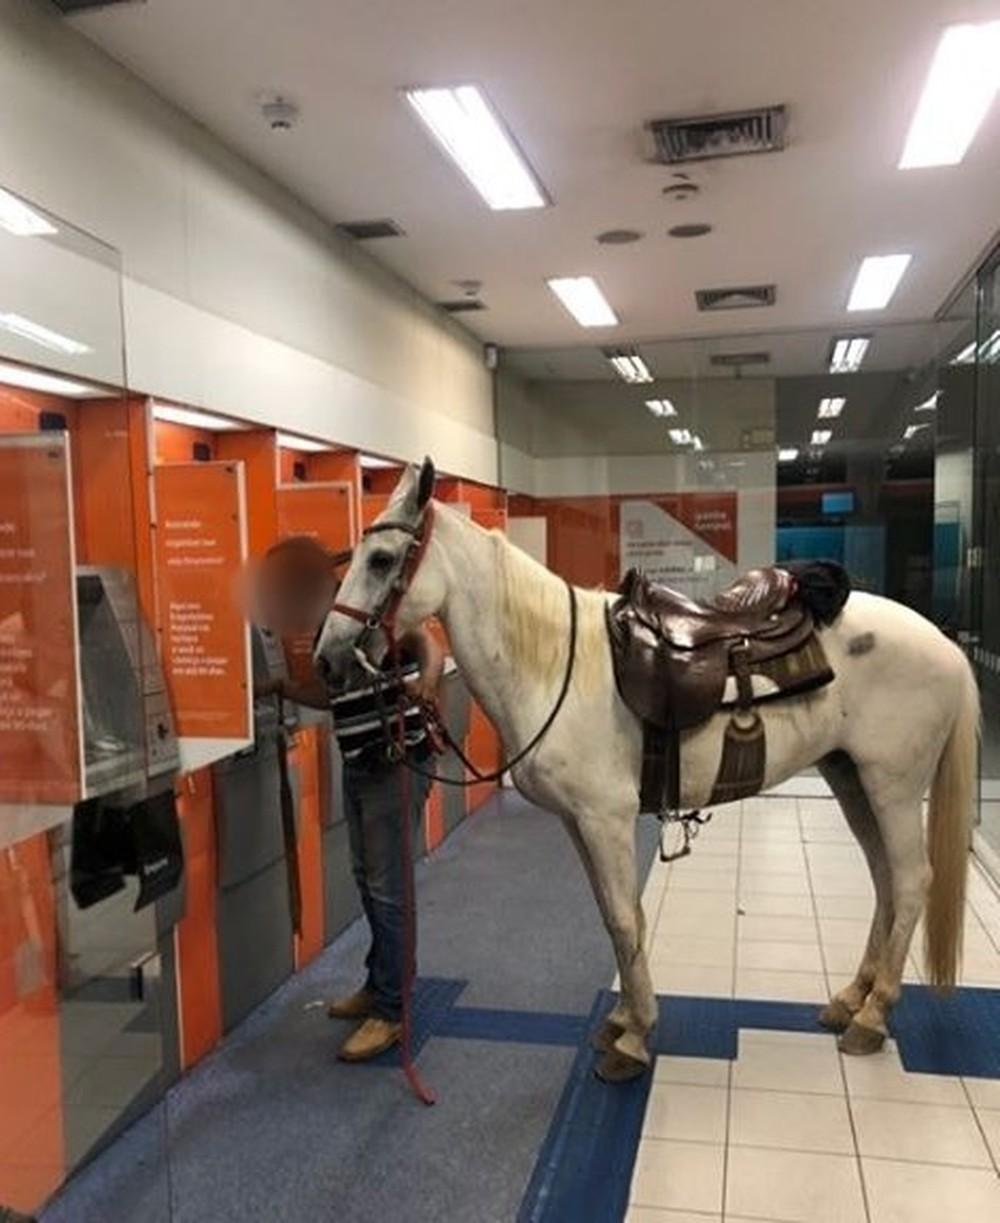 Dono levou cavalo para agência bancária em Várzea Paulista